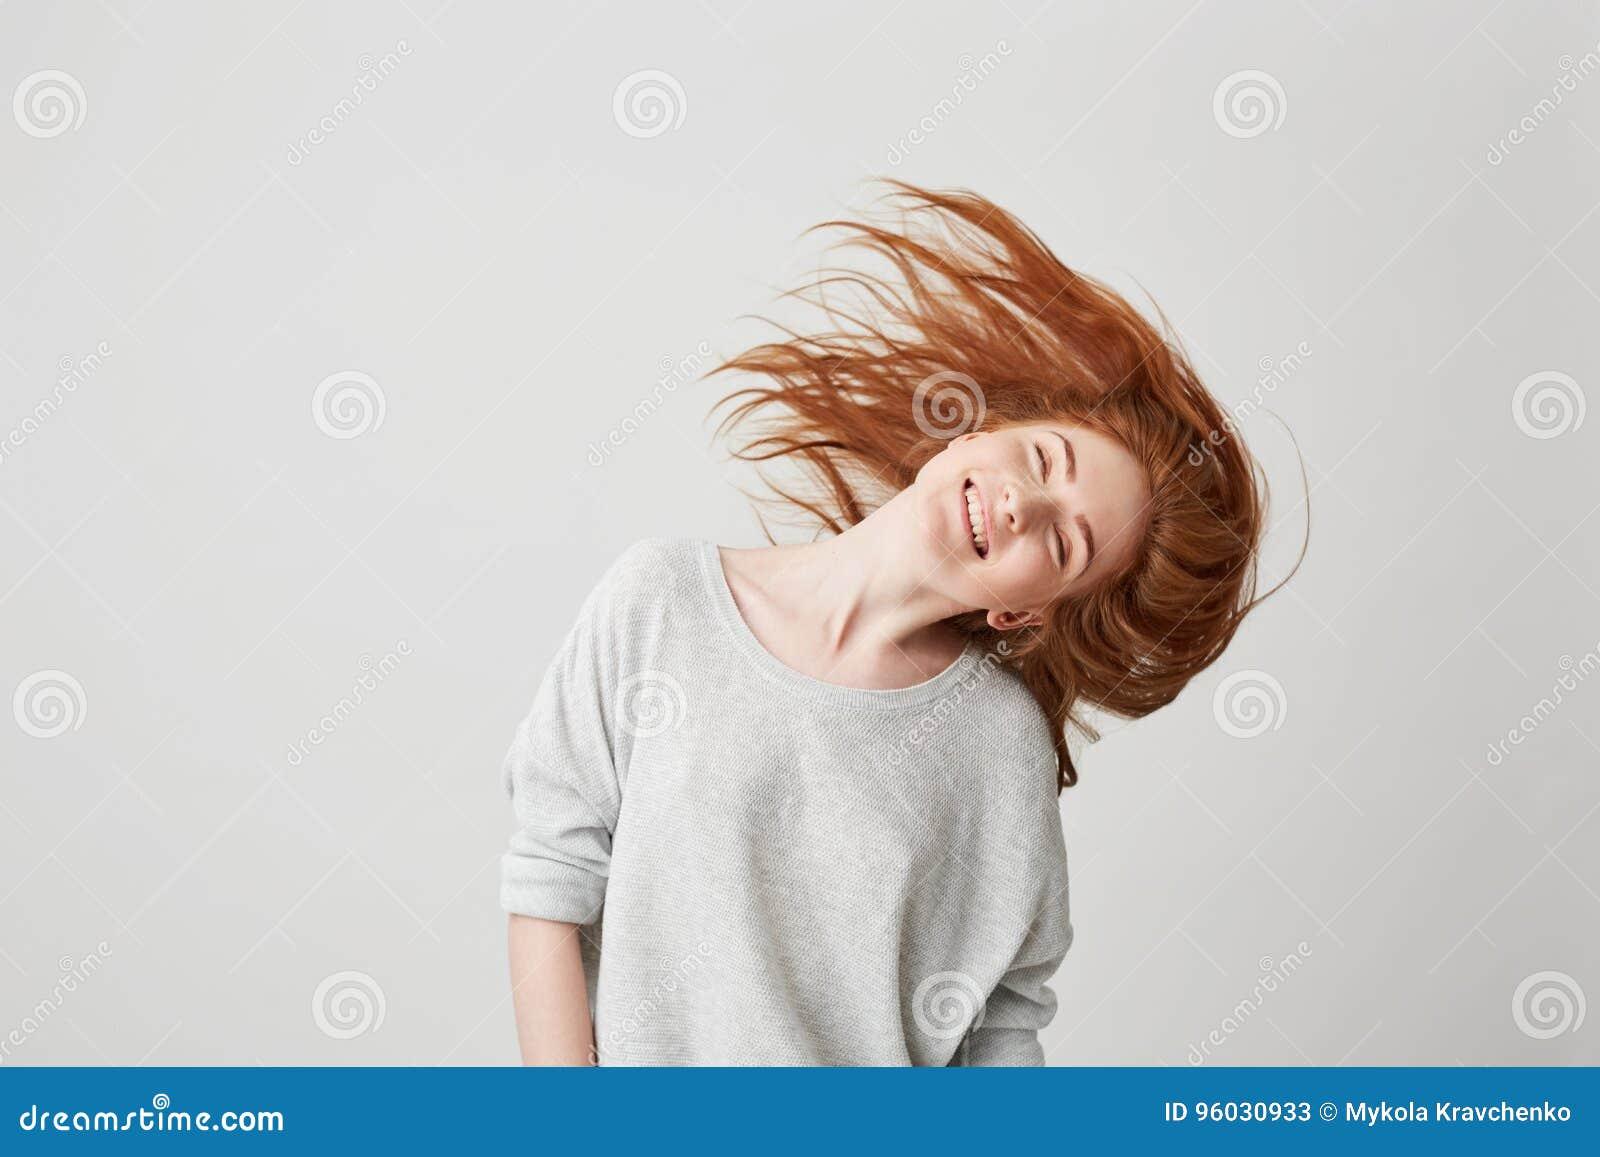 Portret młoda rozochocona piękna rudzielec dziewczyna ono uśmiecha się z zamkniętymi oczami trząść głowę i włosy nad białym tłem